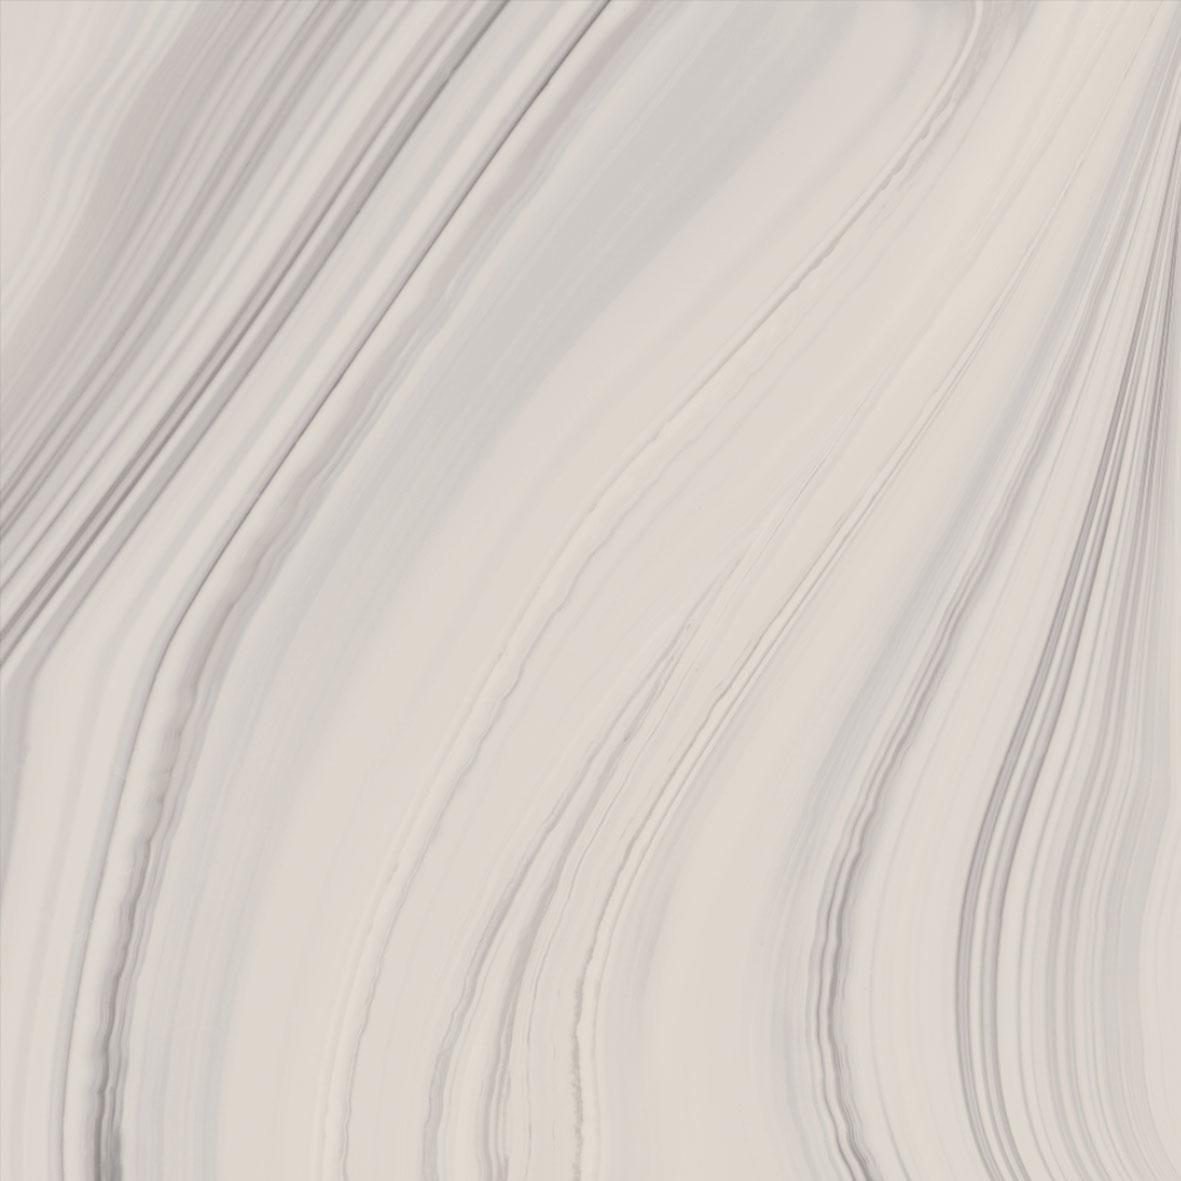 La Fabbrica Astra Selenite LA069008 Boden-/Wandfliese 58x58 Lappato